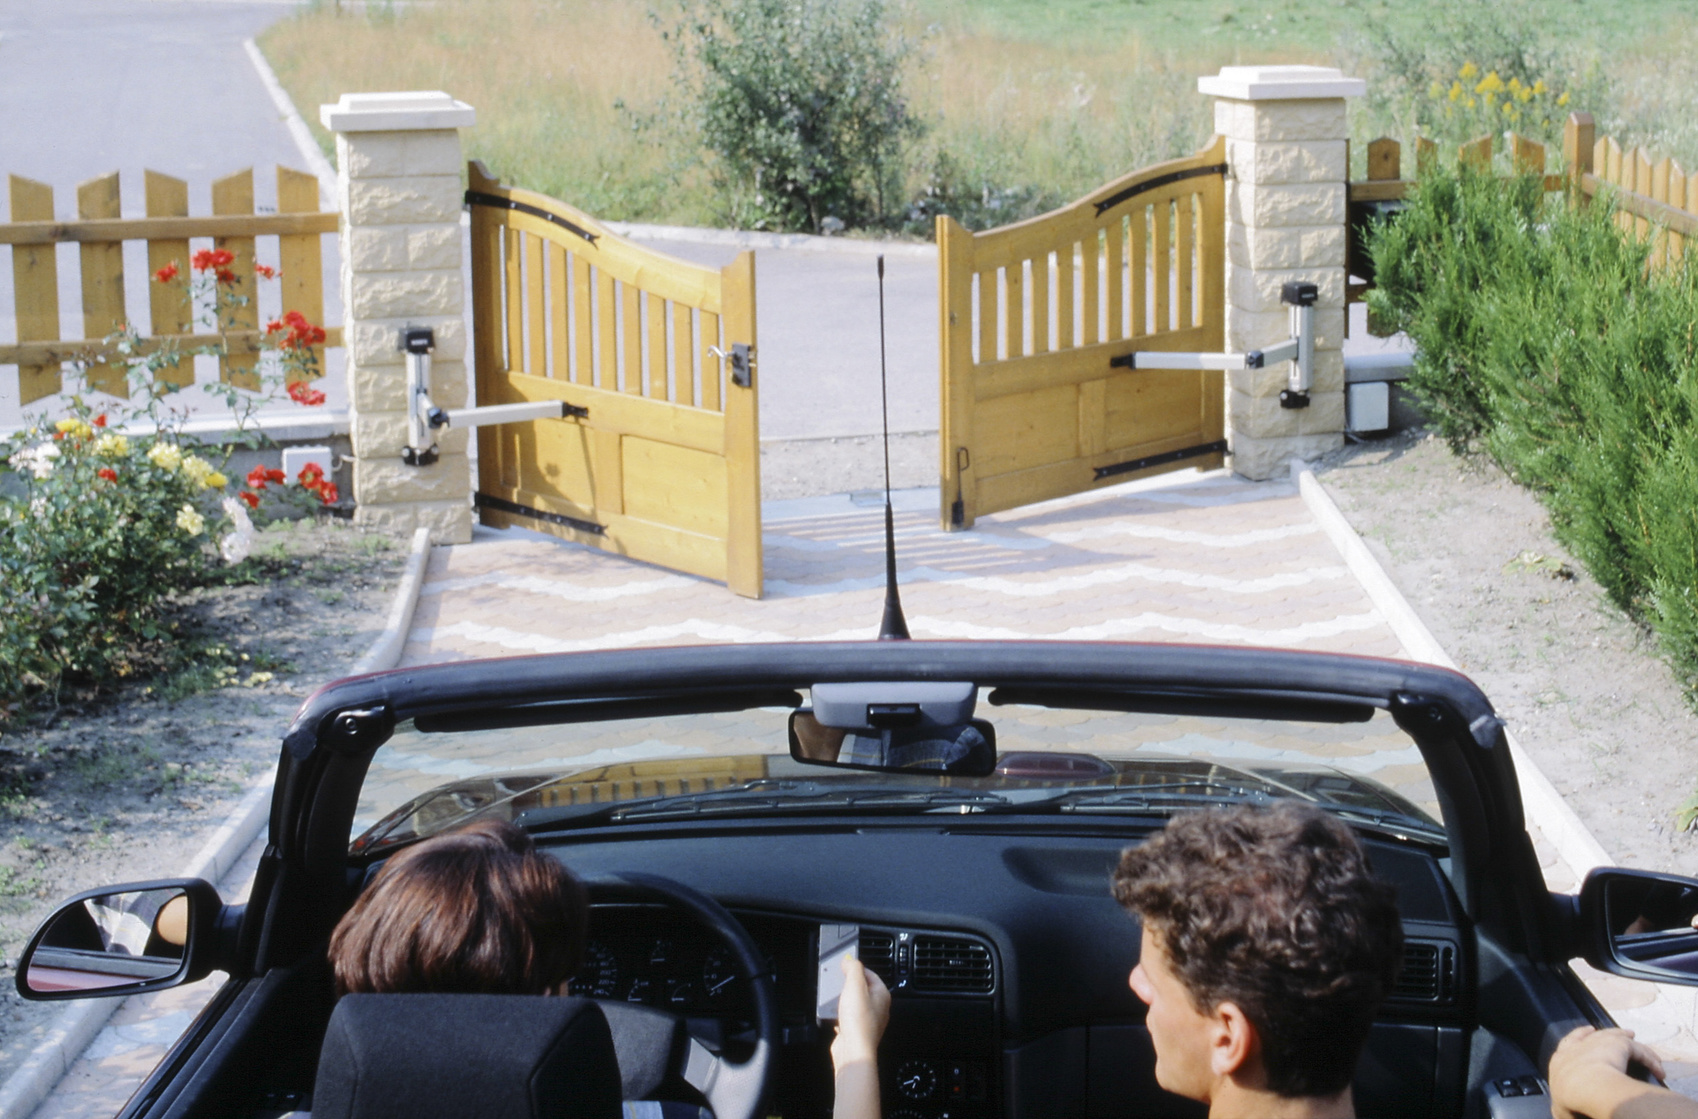 ouverture portail solaire awesome solaire portail moteur electrique de portail with ouverture. Black Bedroom Furniture Sets. Home Design Ideas